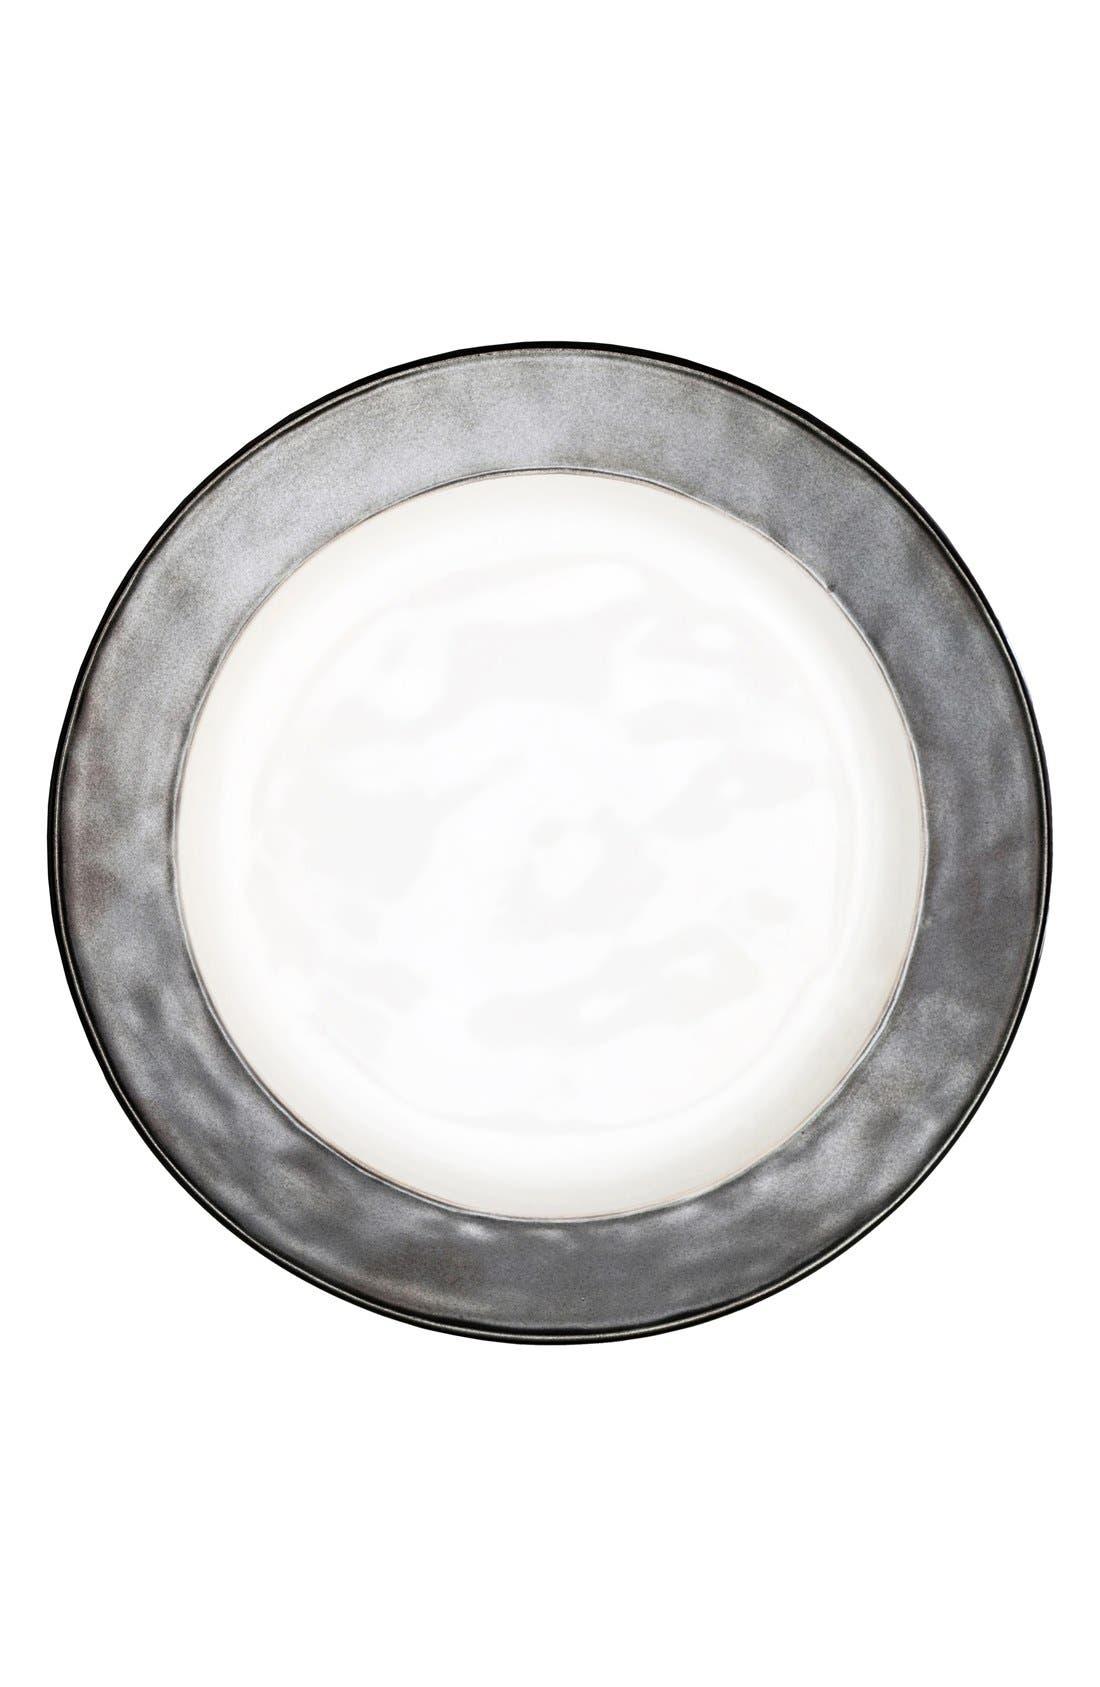 Juliska'Emerson' Dinner Plate